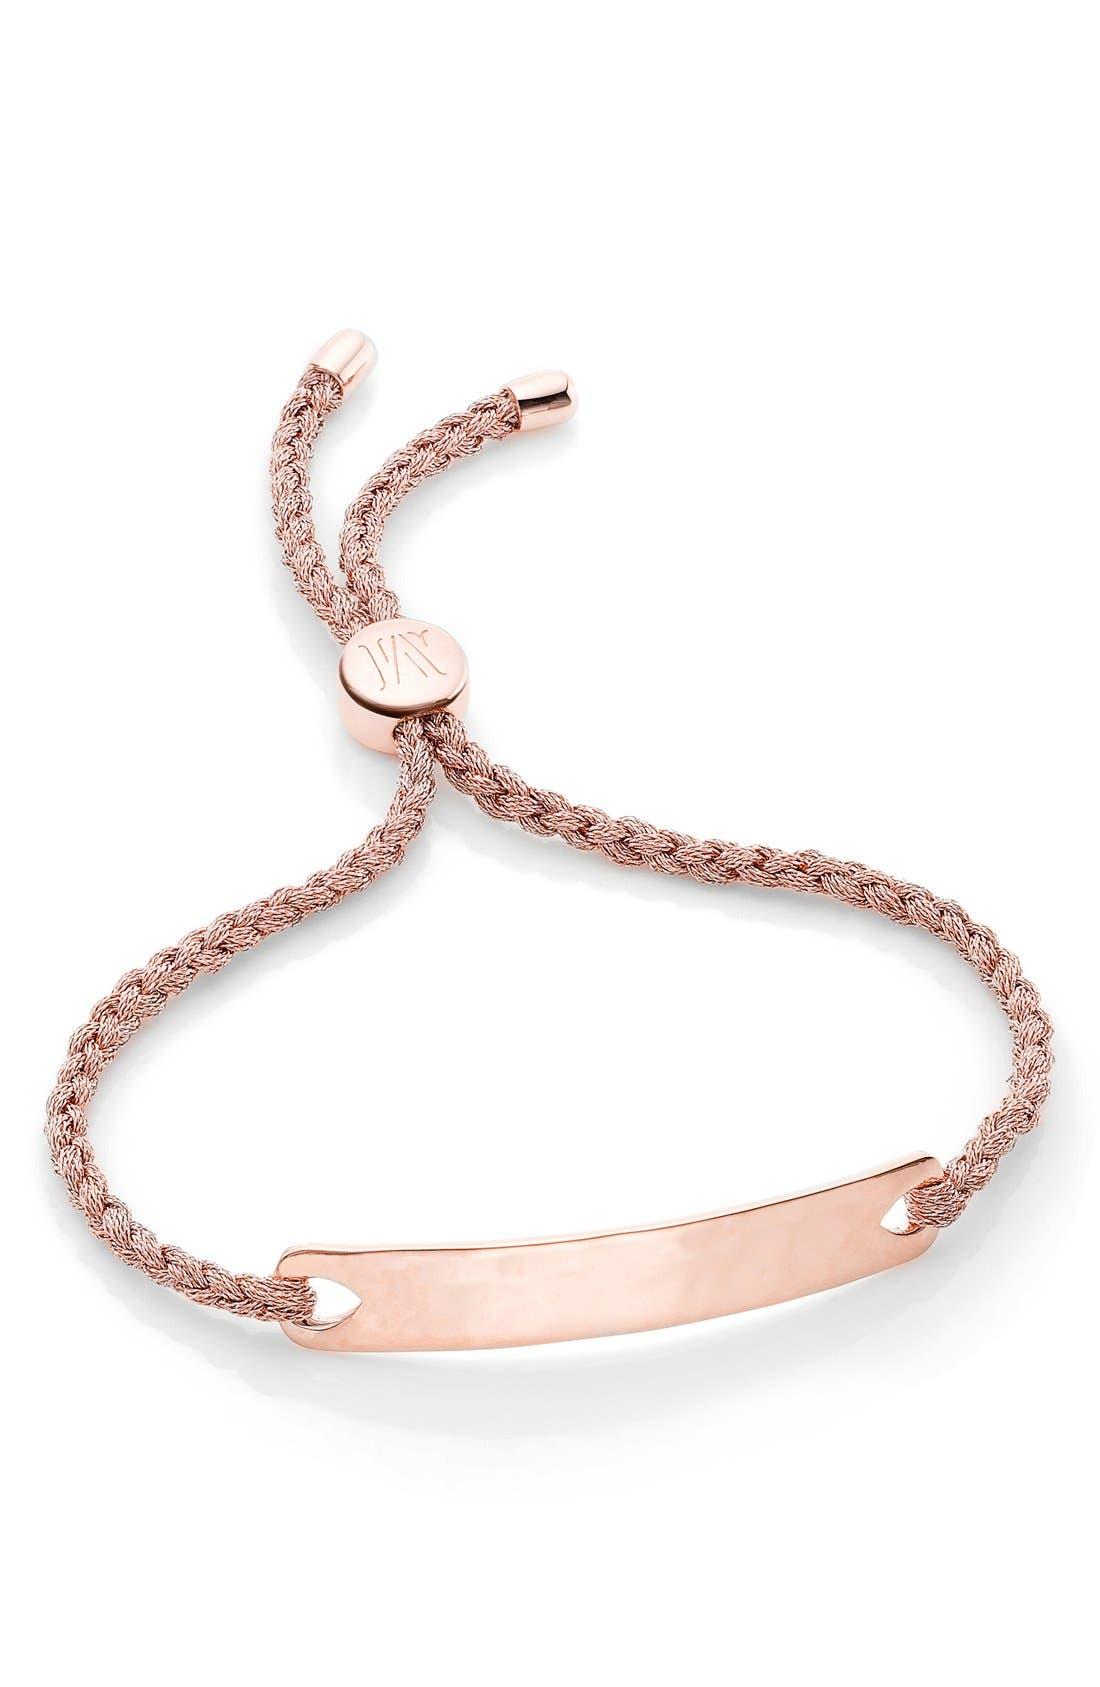 MONICA VINADER 'Havana'Friendship Bracelet